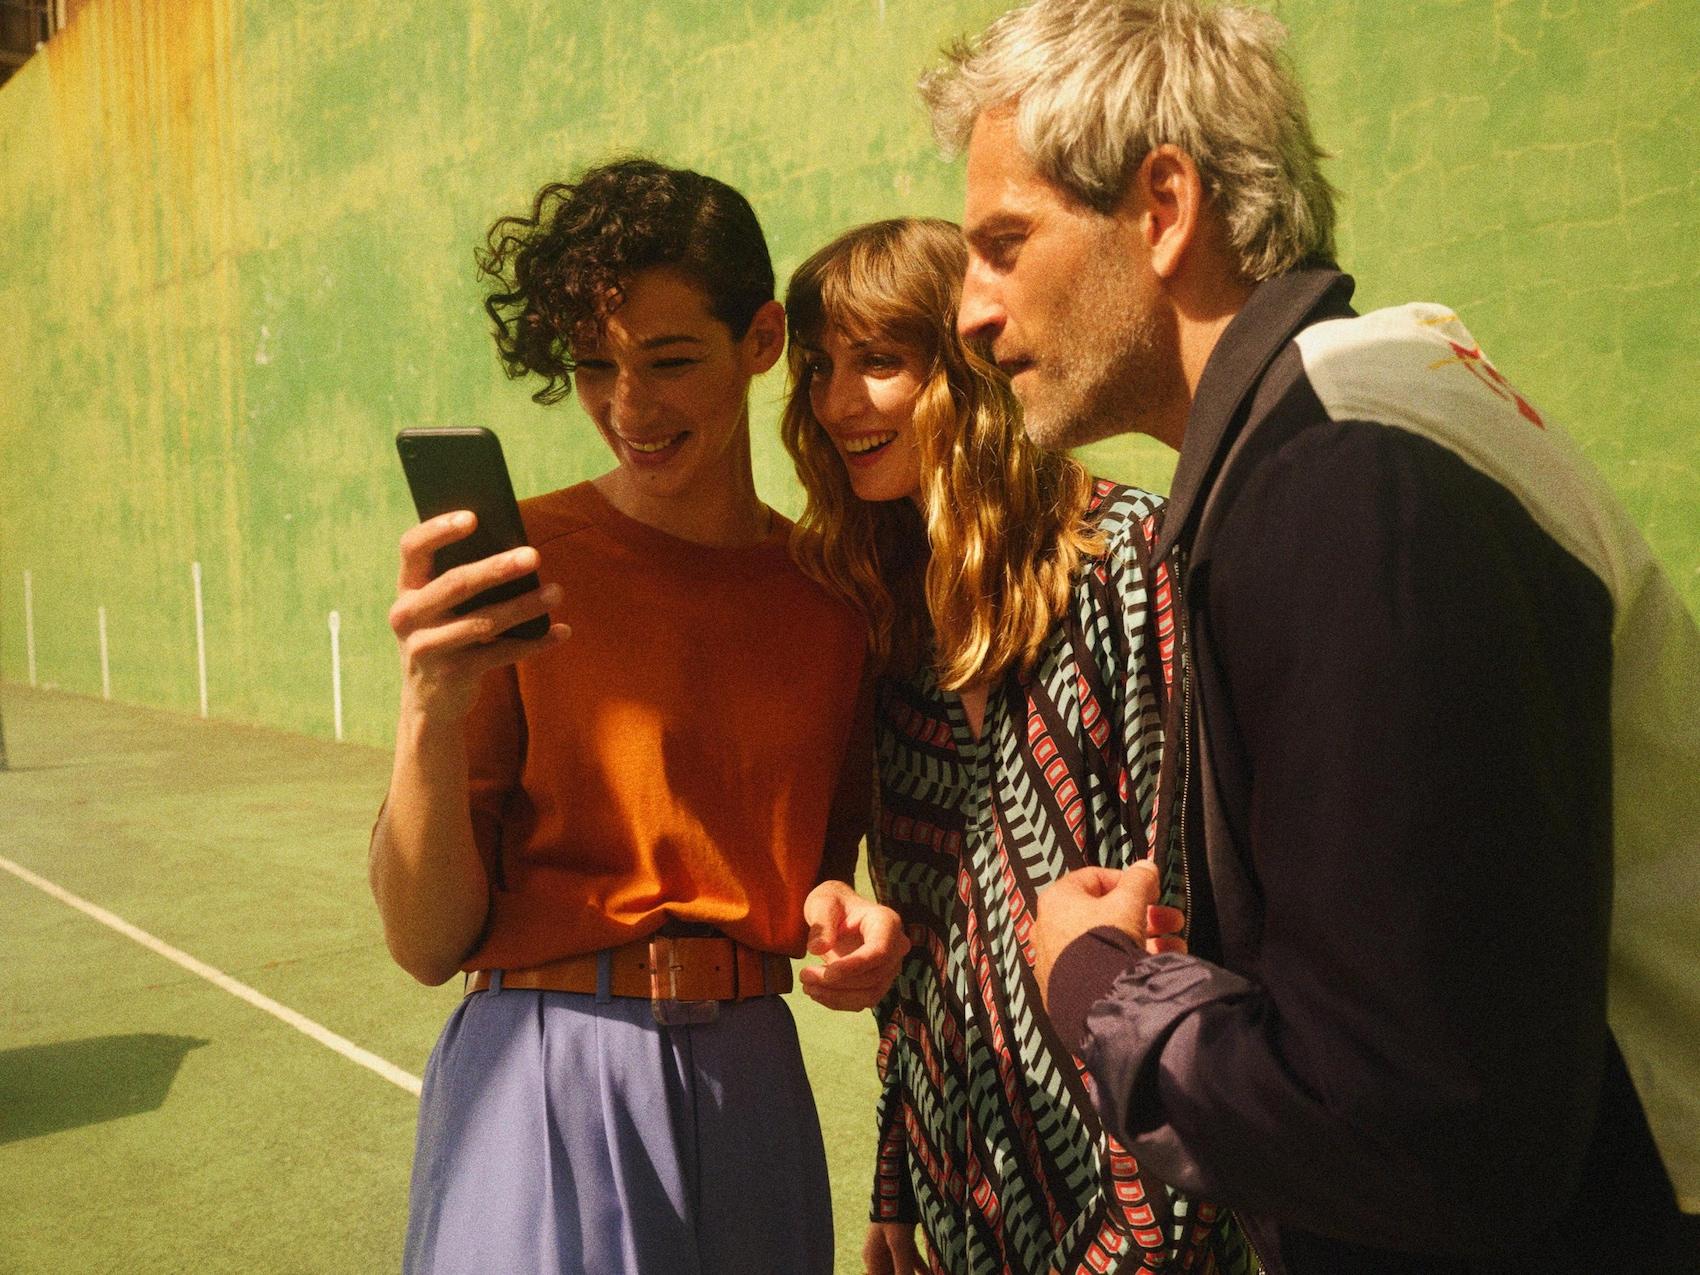 Drie mensen kijken op een mobiele telefoon.